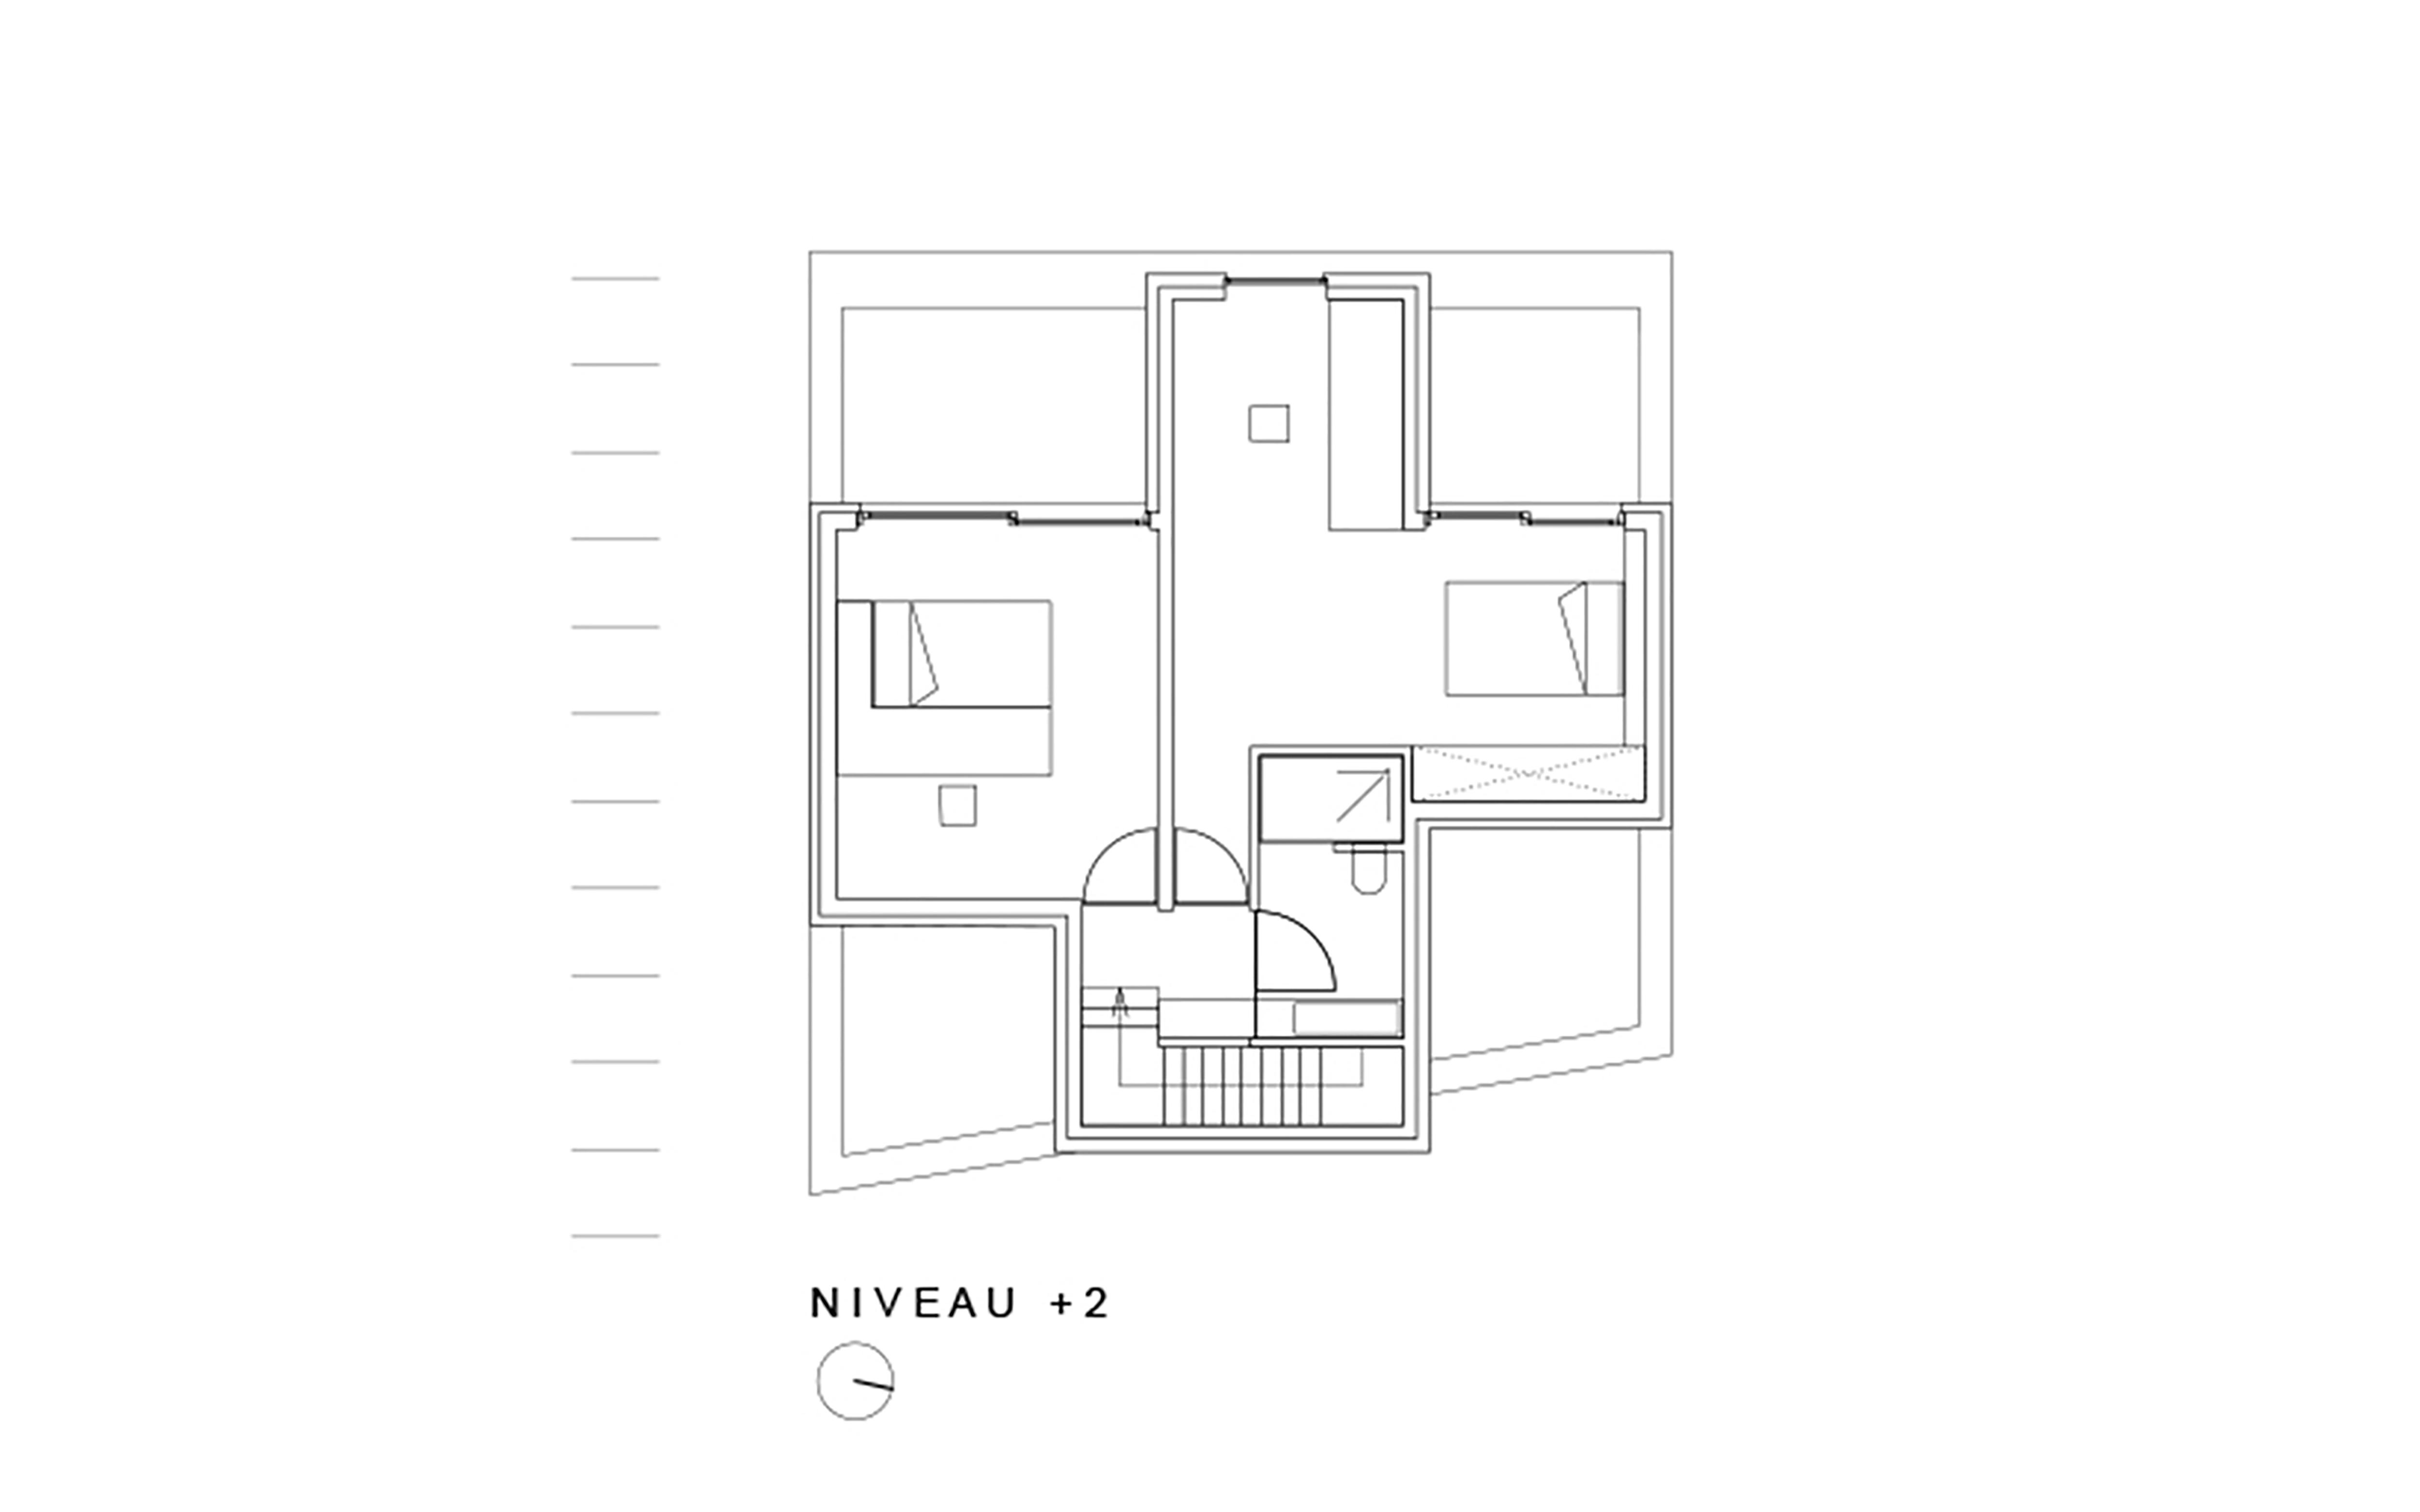 verdieping2